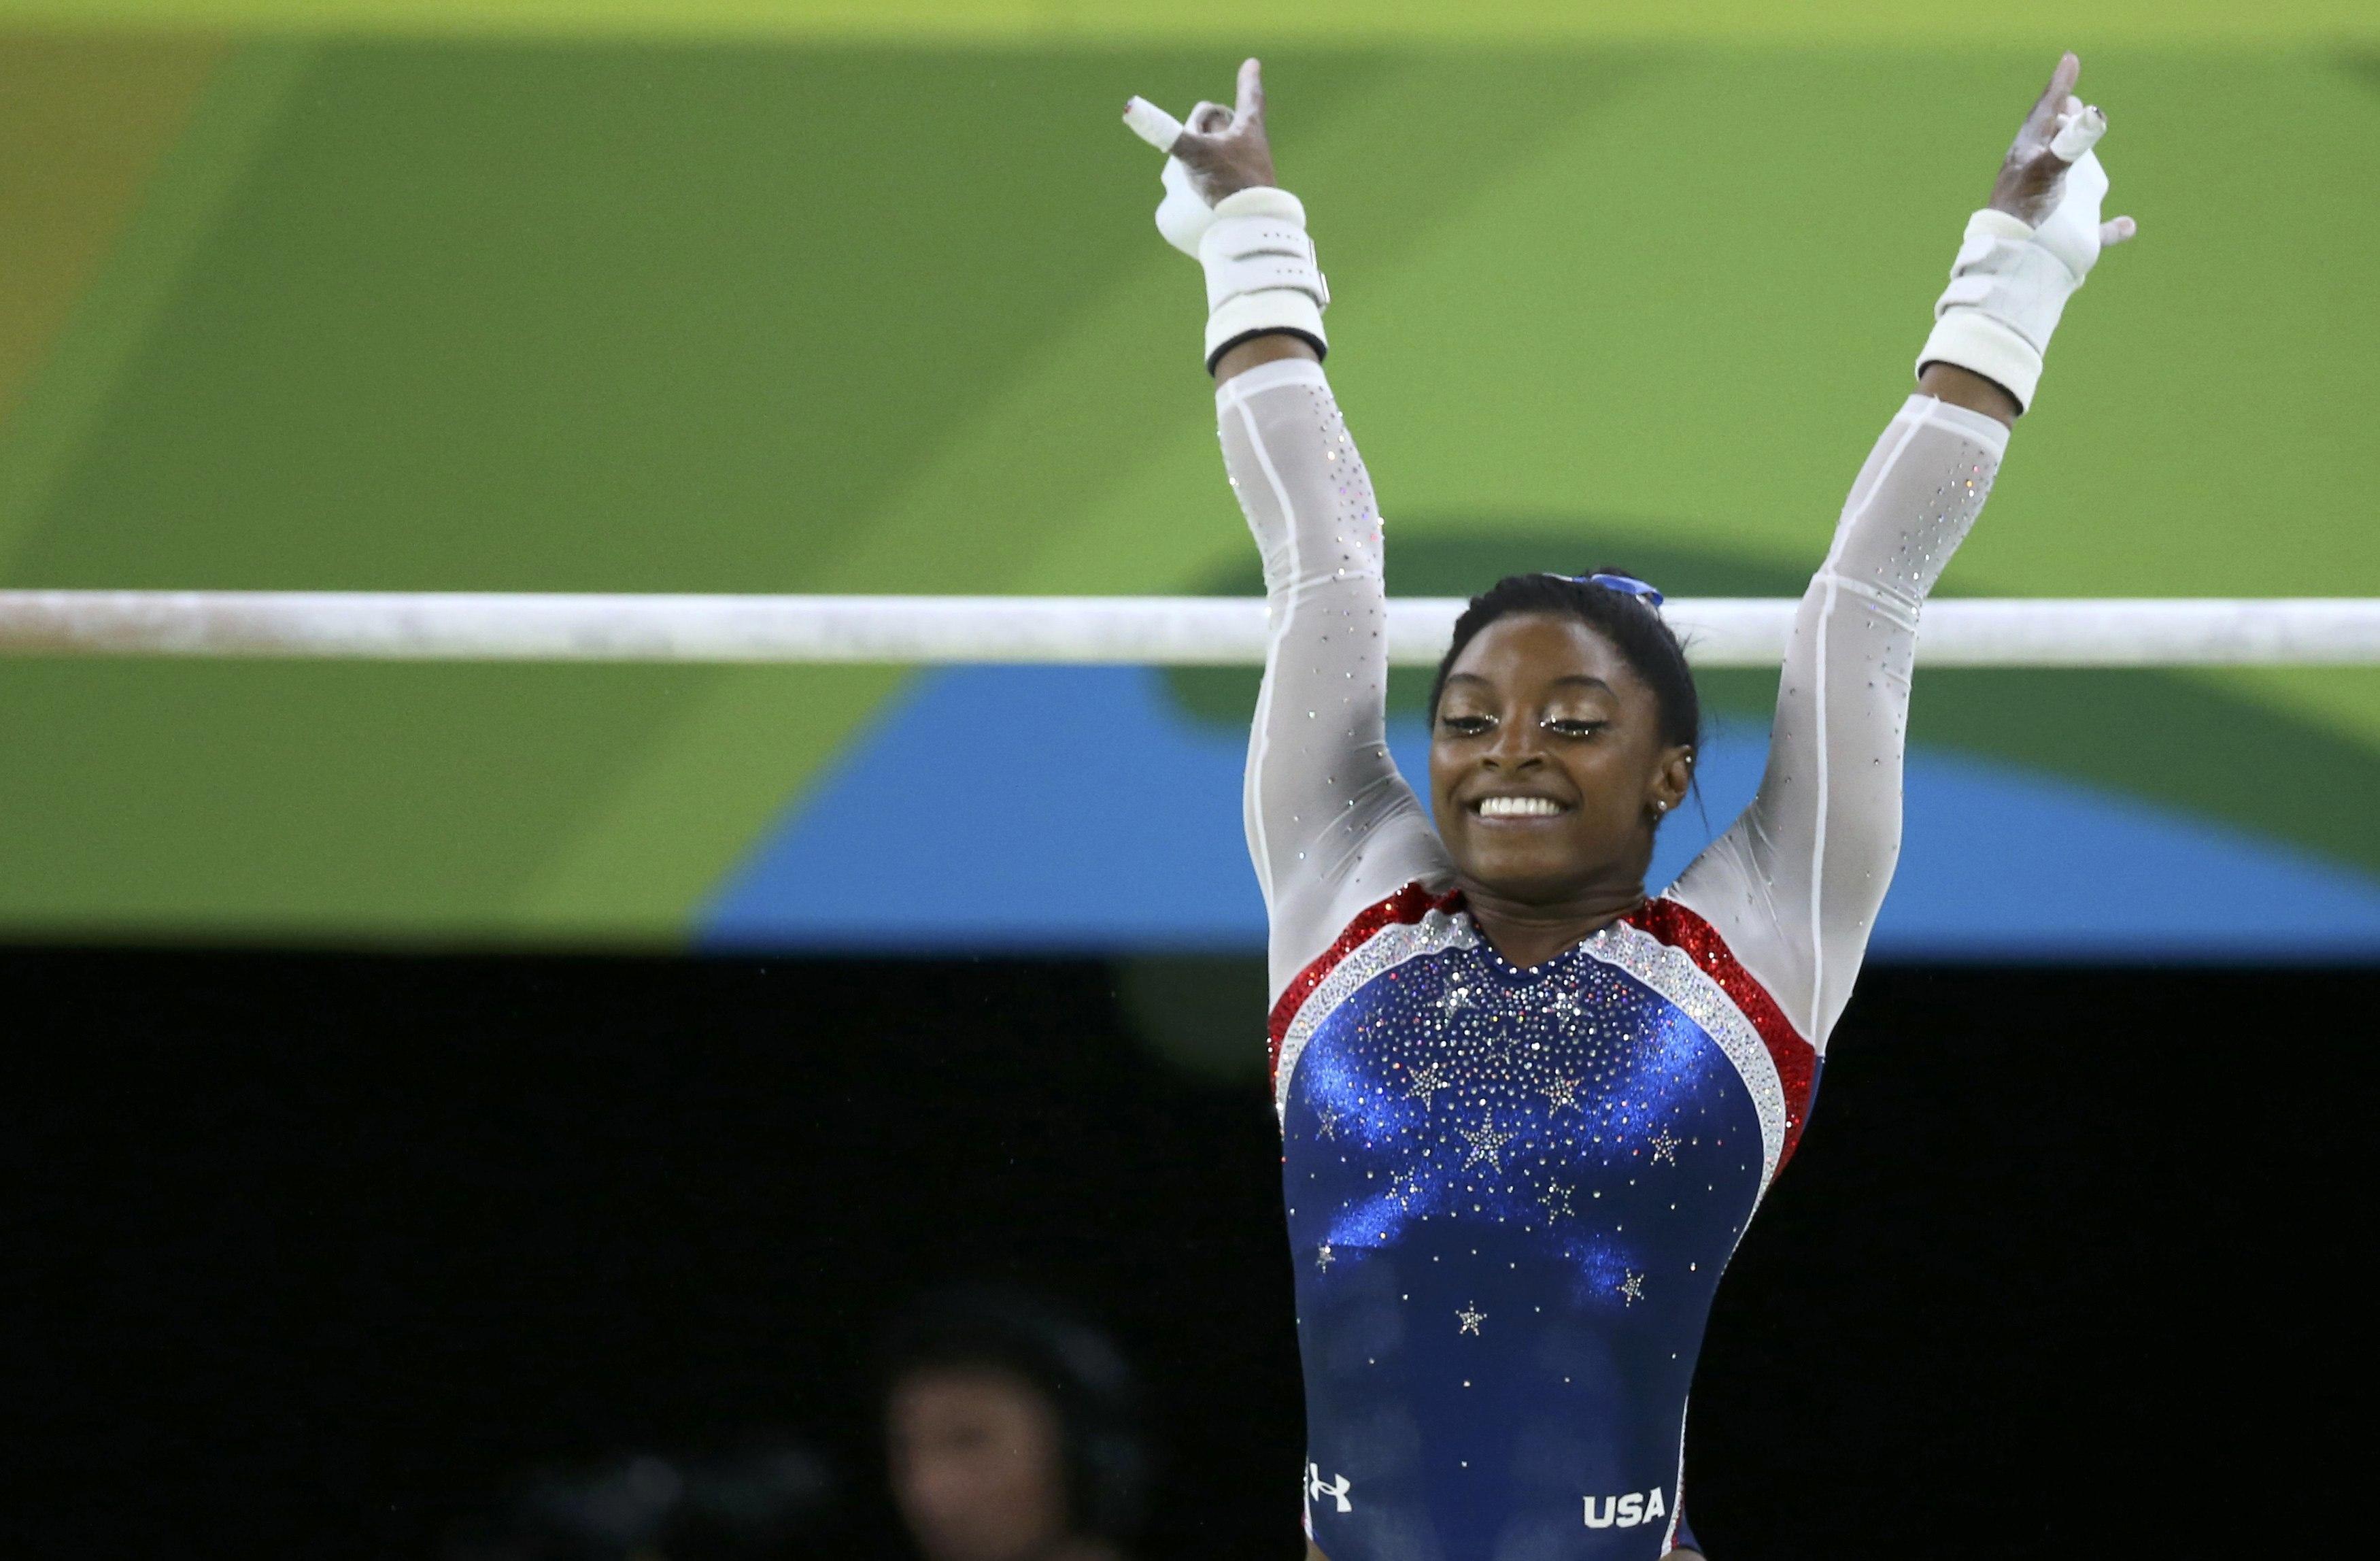 Jeux olympiques - Simone Biles entraînée par un Français